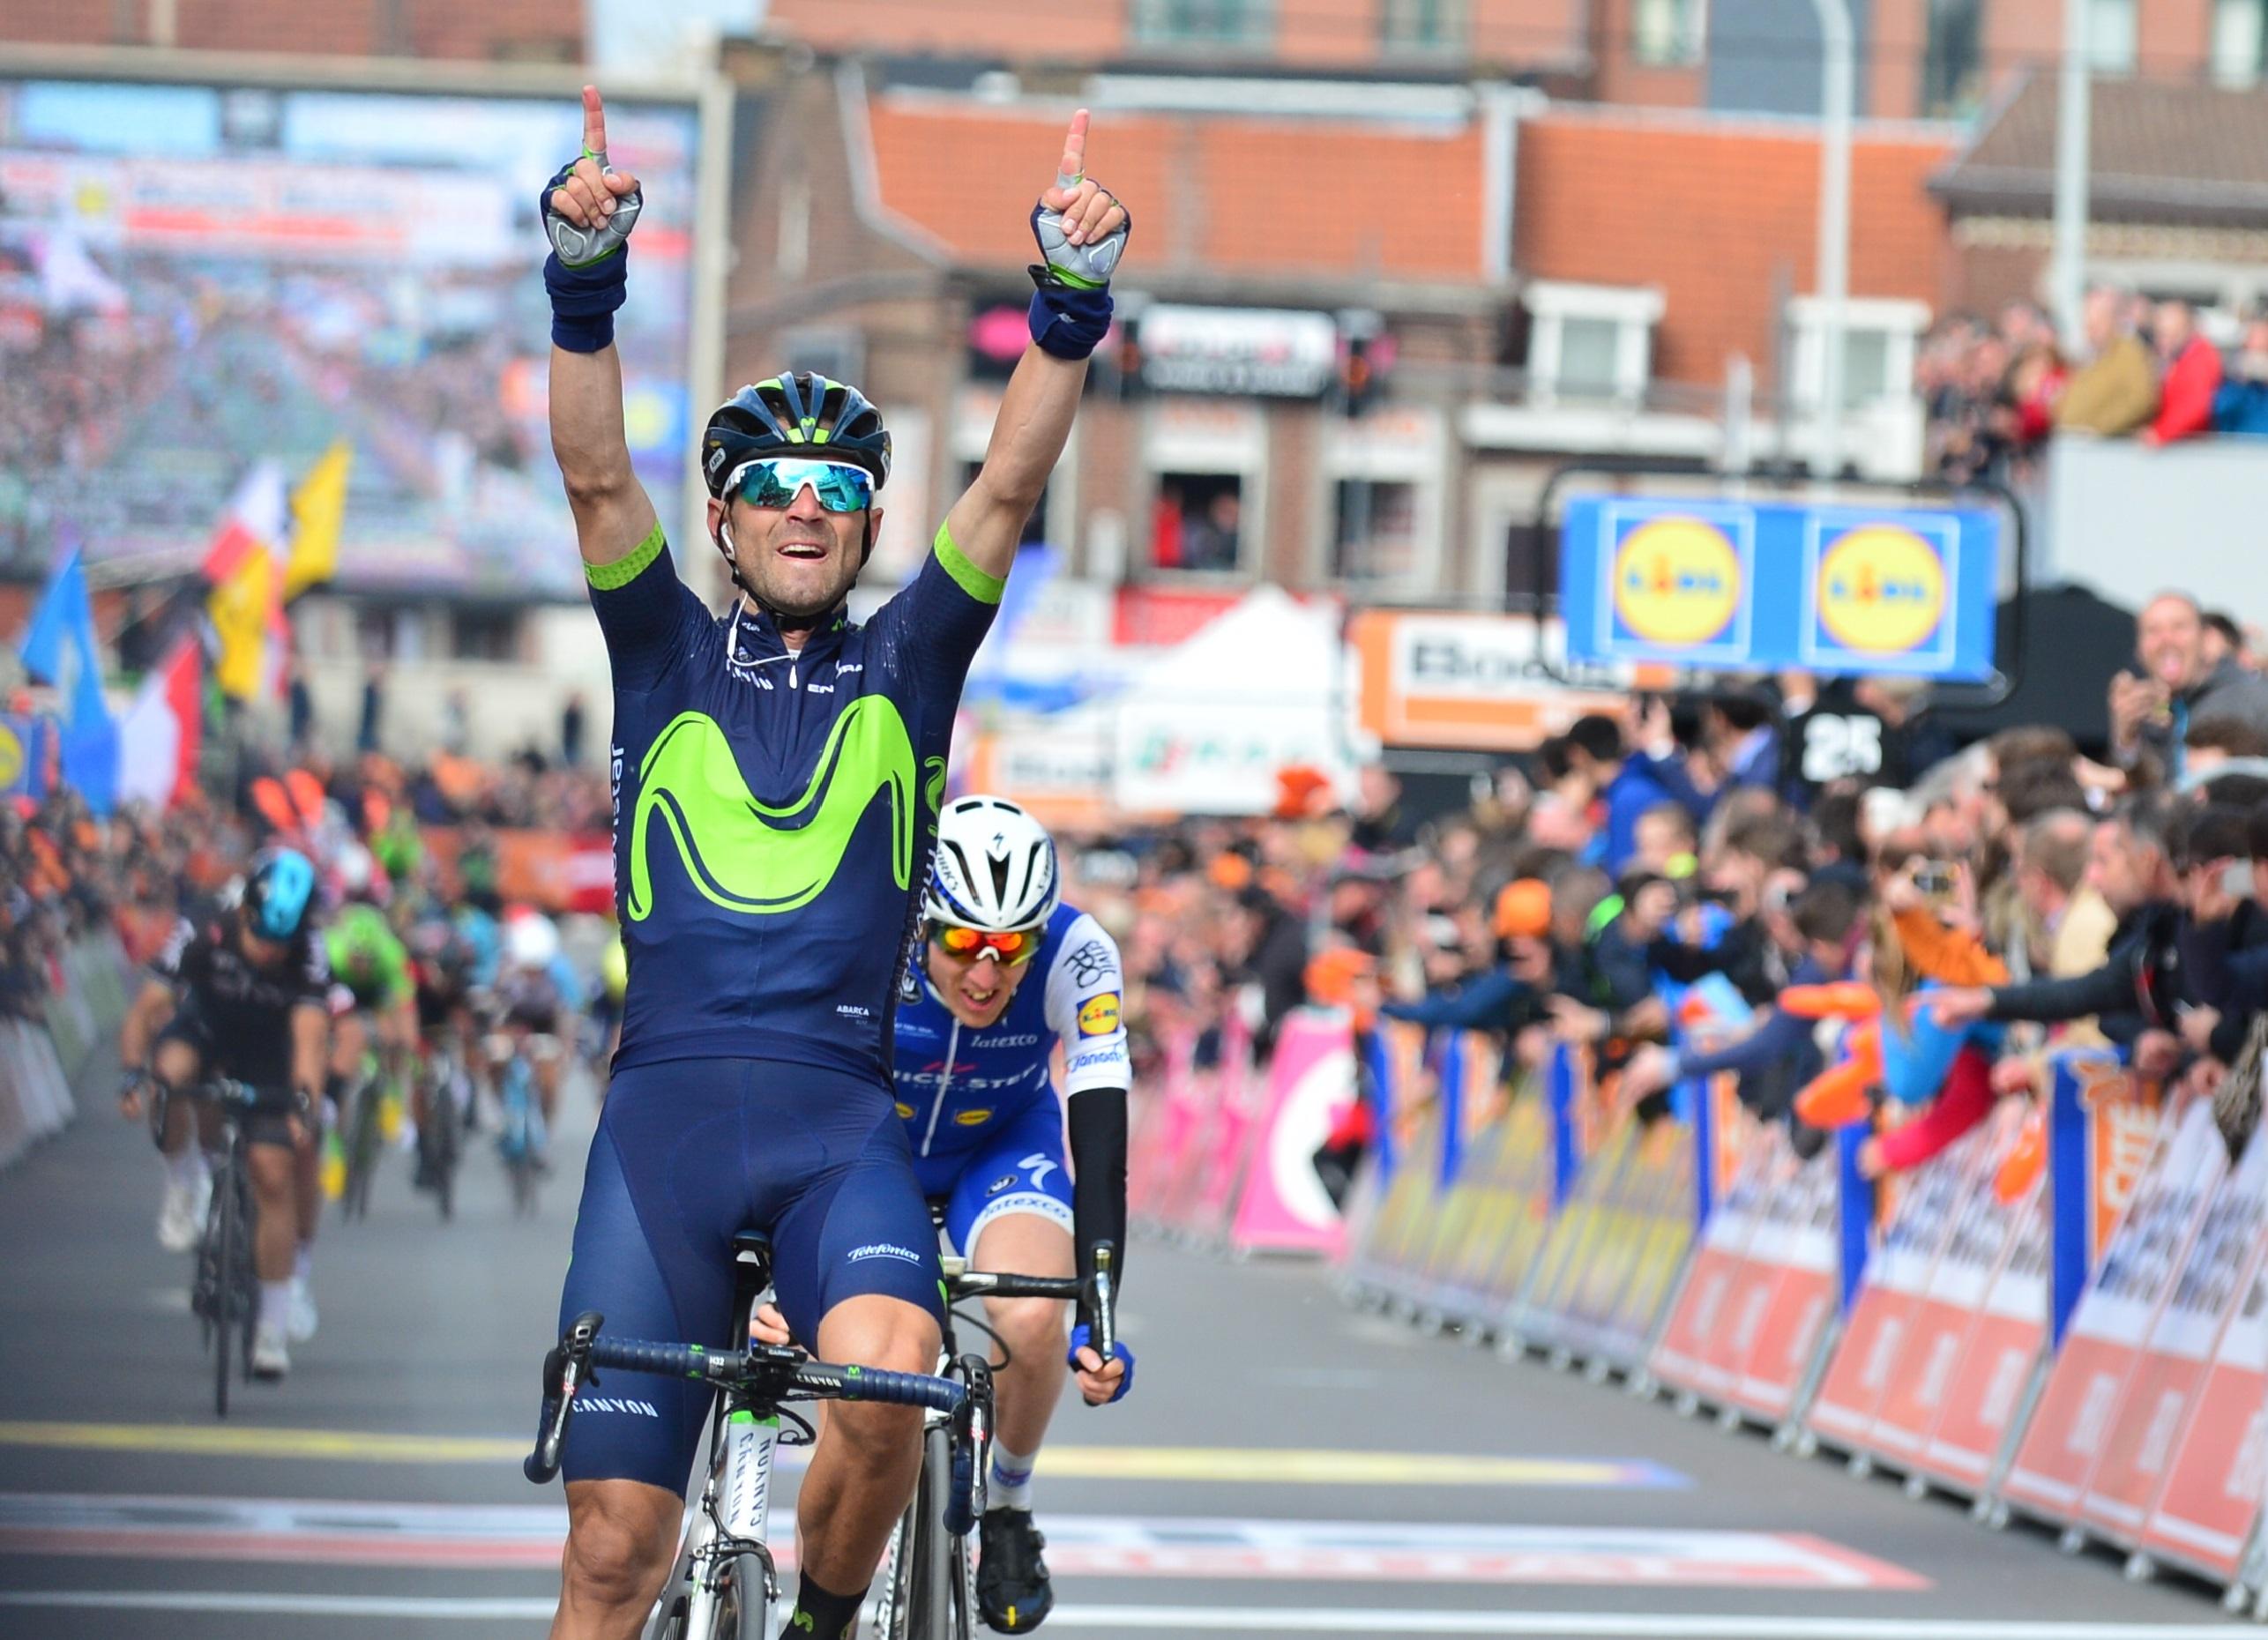 Alejandro Valverde gewinnt Lüttich-Bastogne-Lüttich 2017